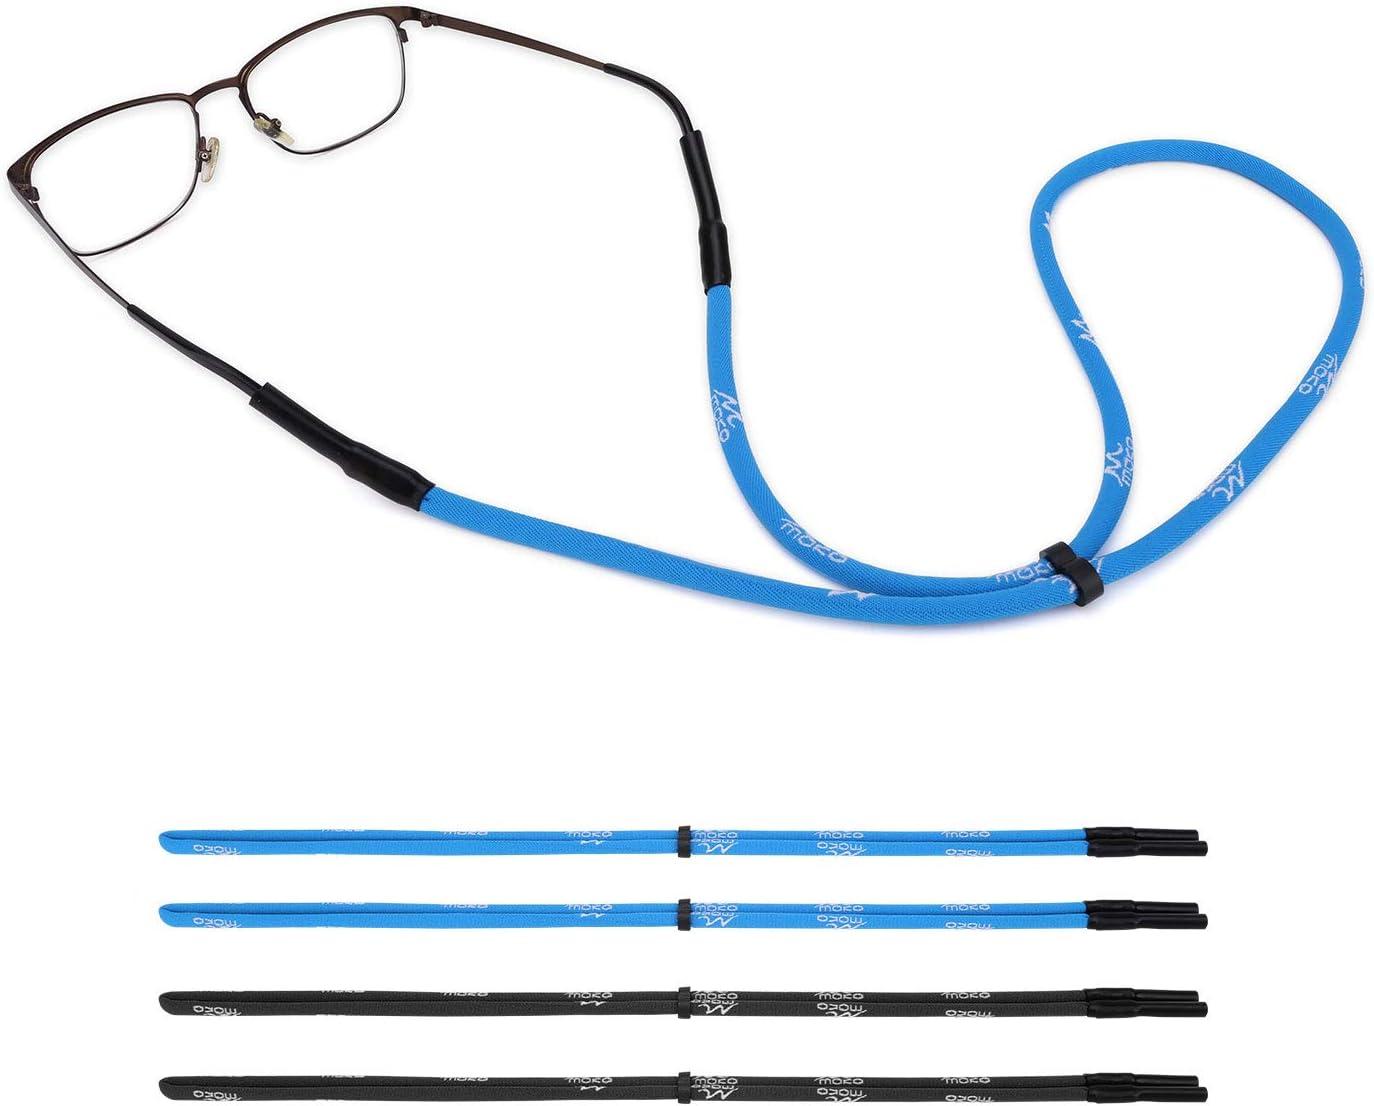 MoKo Retenedor de gafas, [4 unidades] cuerda de ajuste universal ajustable para gafas de sol, correa elástica para gafas de sol, soporte de seguridad para hombres, mujeres